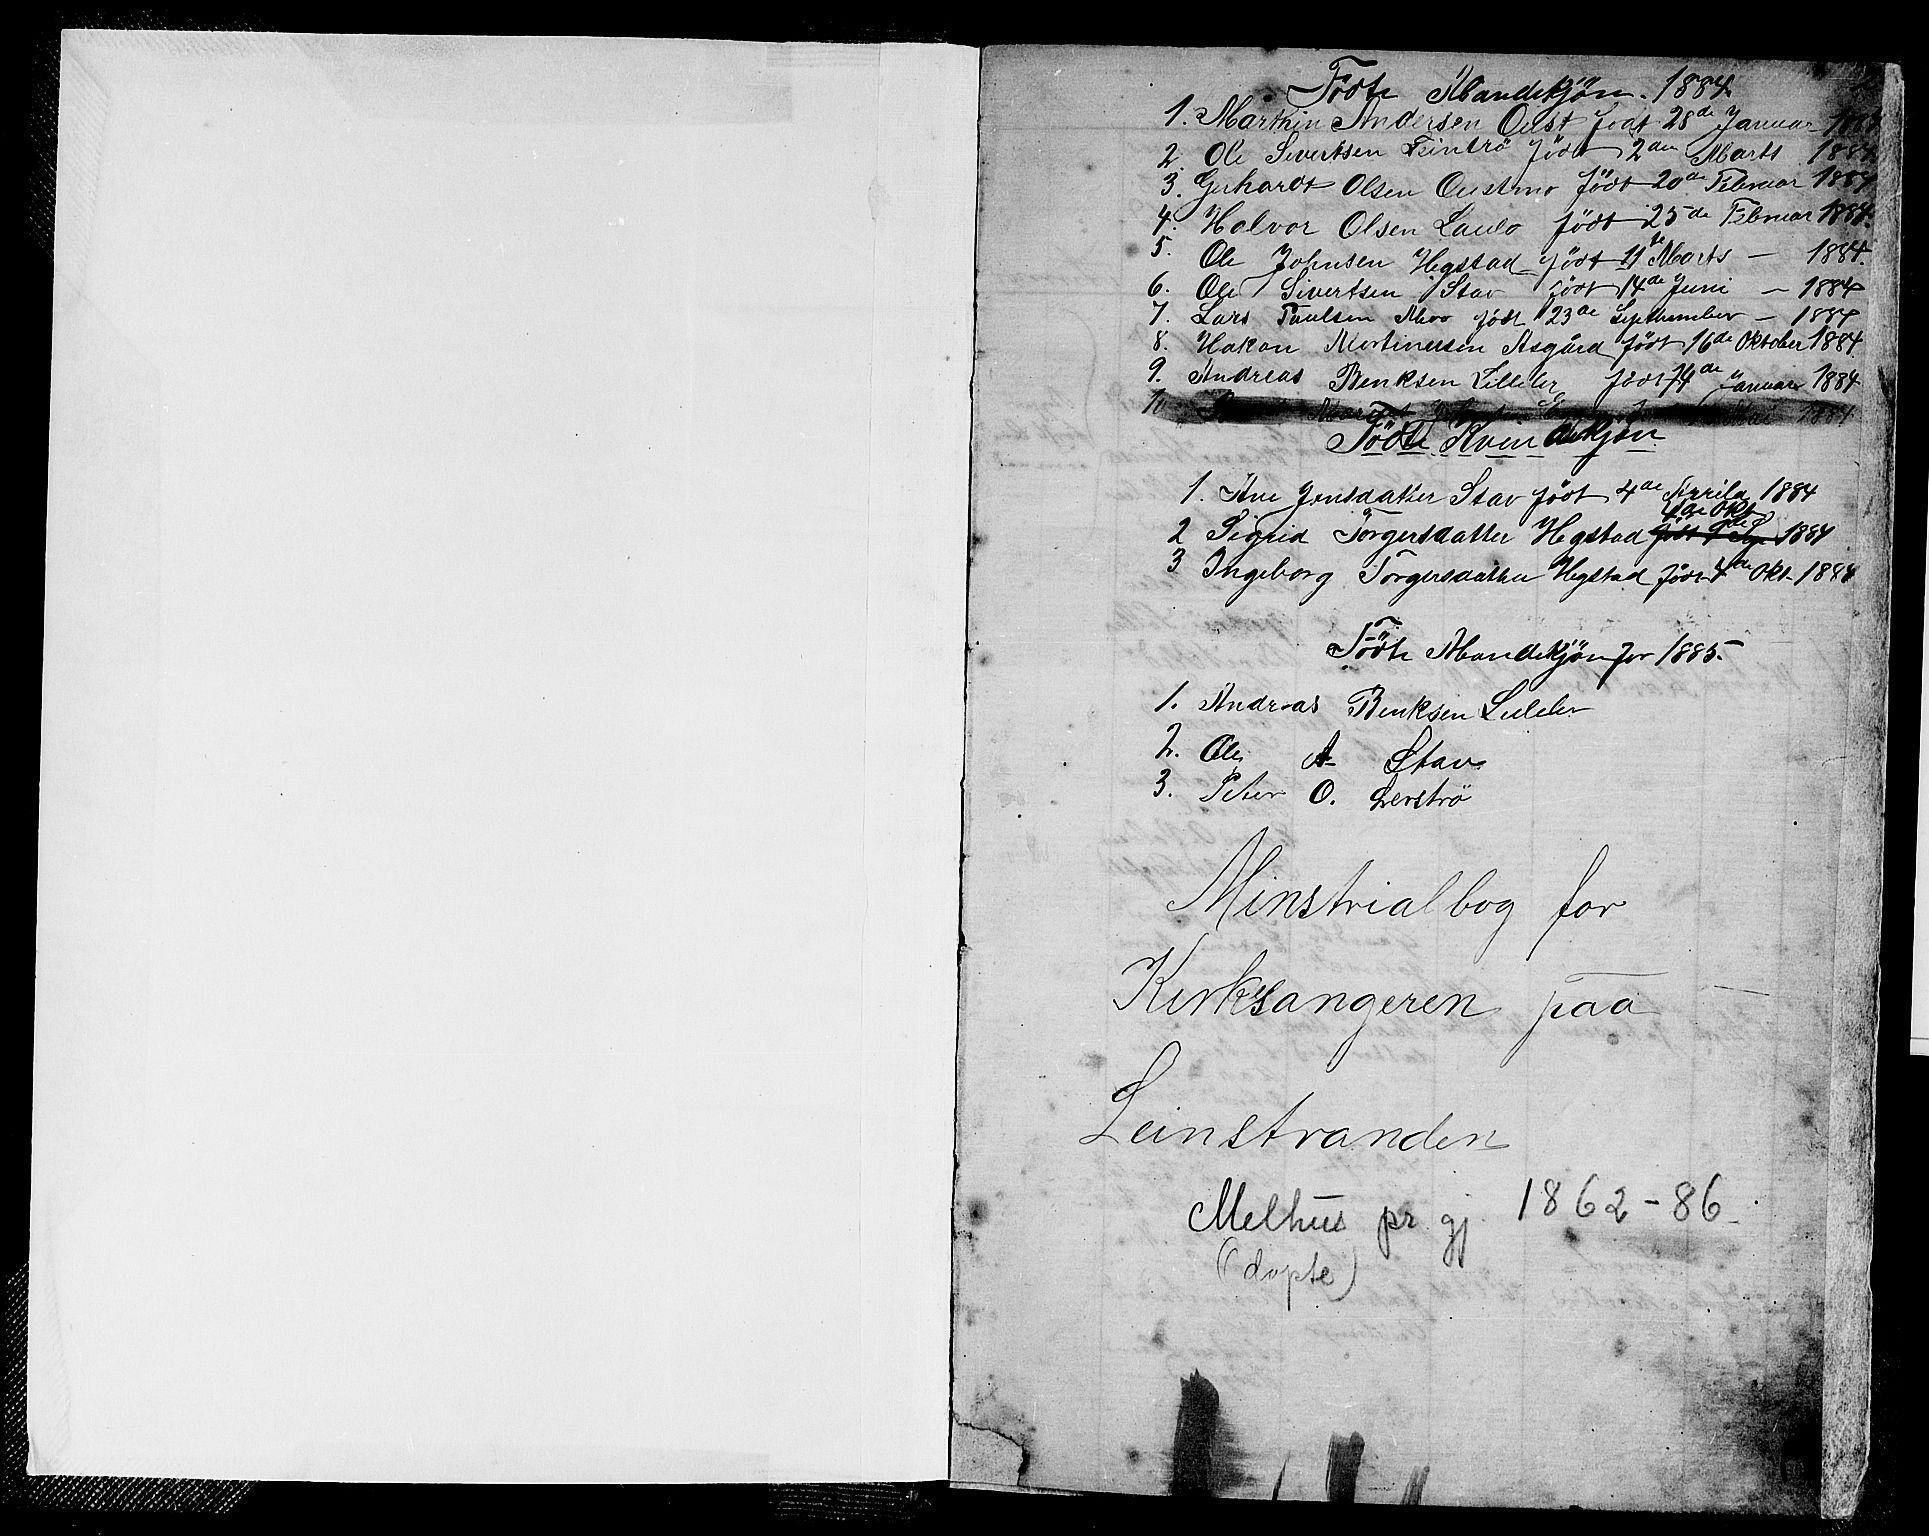 SAT, Ministerialprotokoller, klokkerbøker og fødselsregistre - Sør-Trøndelag, 613/L0394: Klokkerbok nr. 613C02, 1862-1886, s. 2